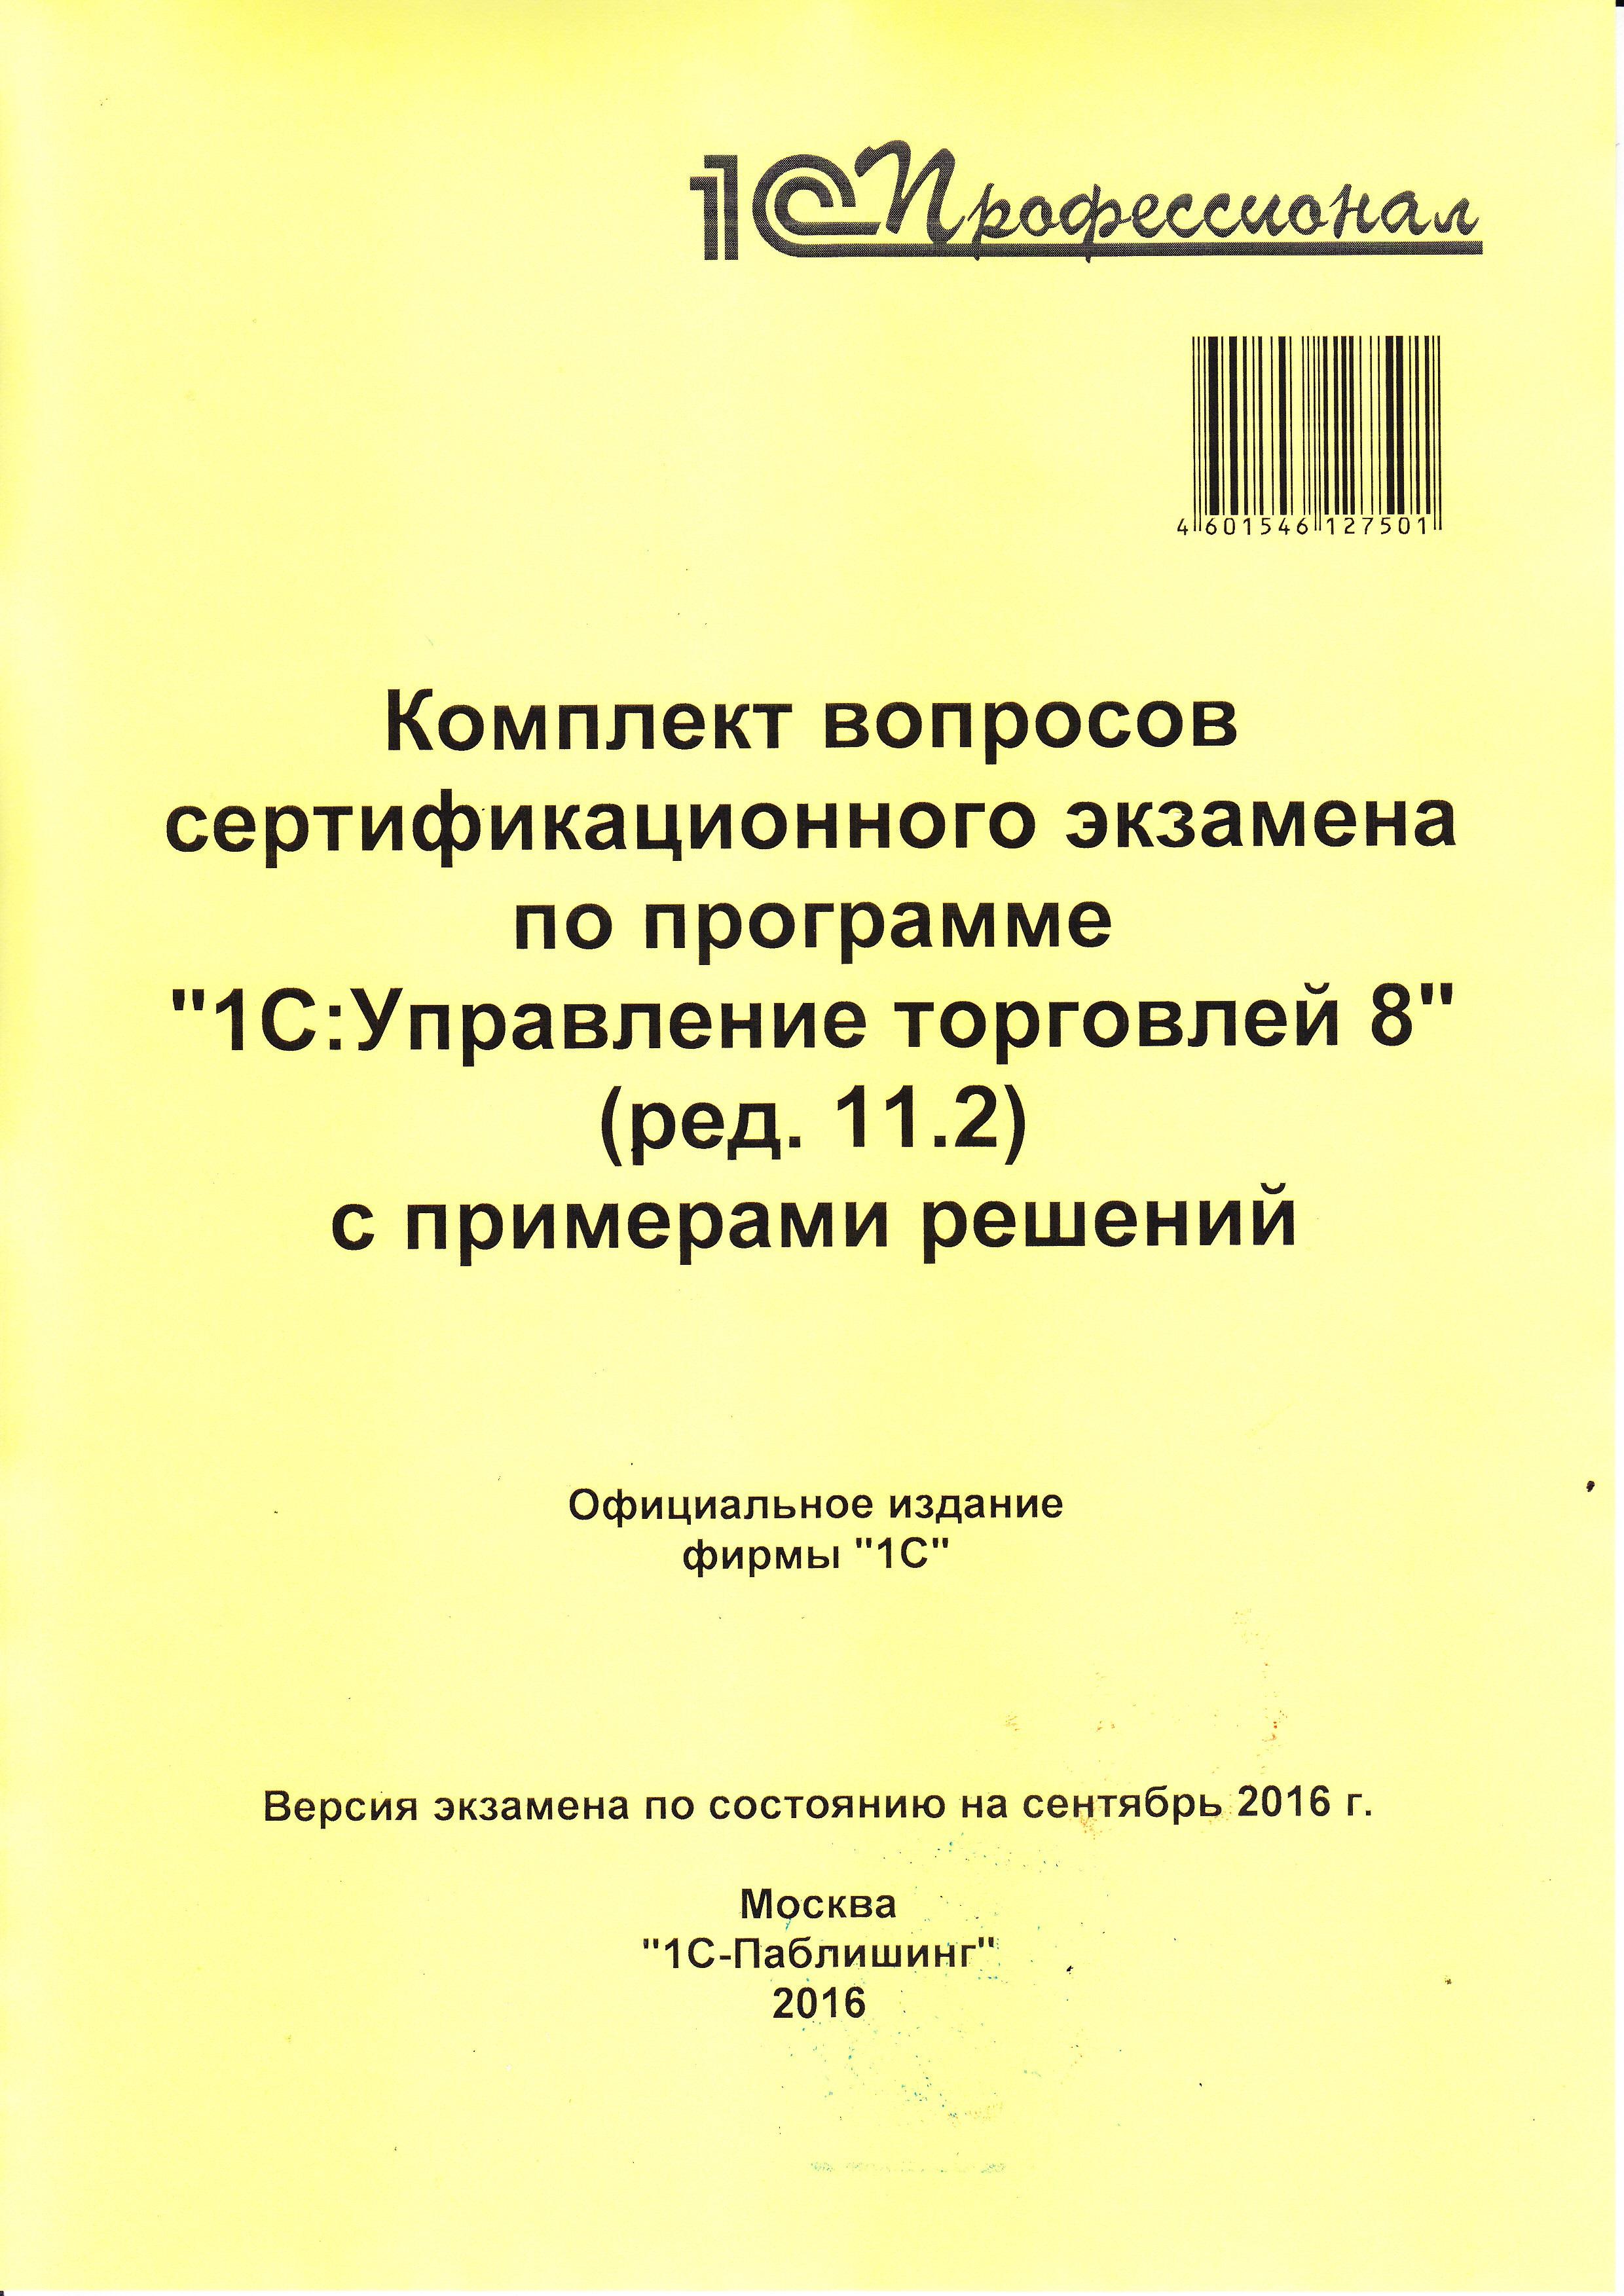 Комплект вопросов сертификационного экзамена по программе «1С:Управление торговлей 8» (ред. 11.2) с примерами решений